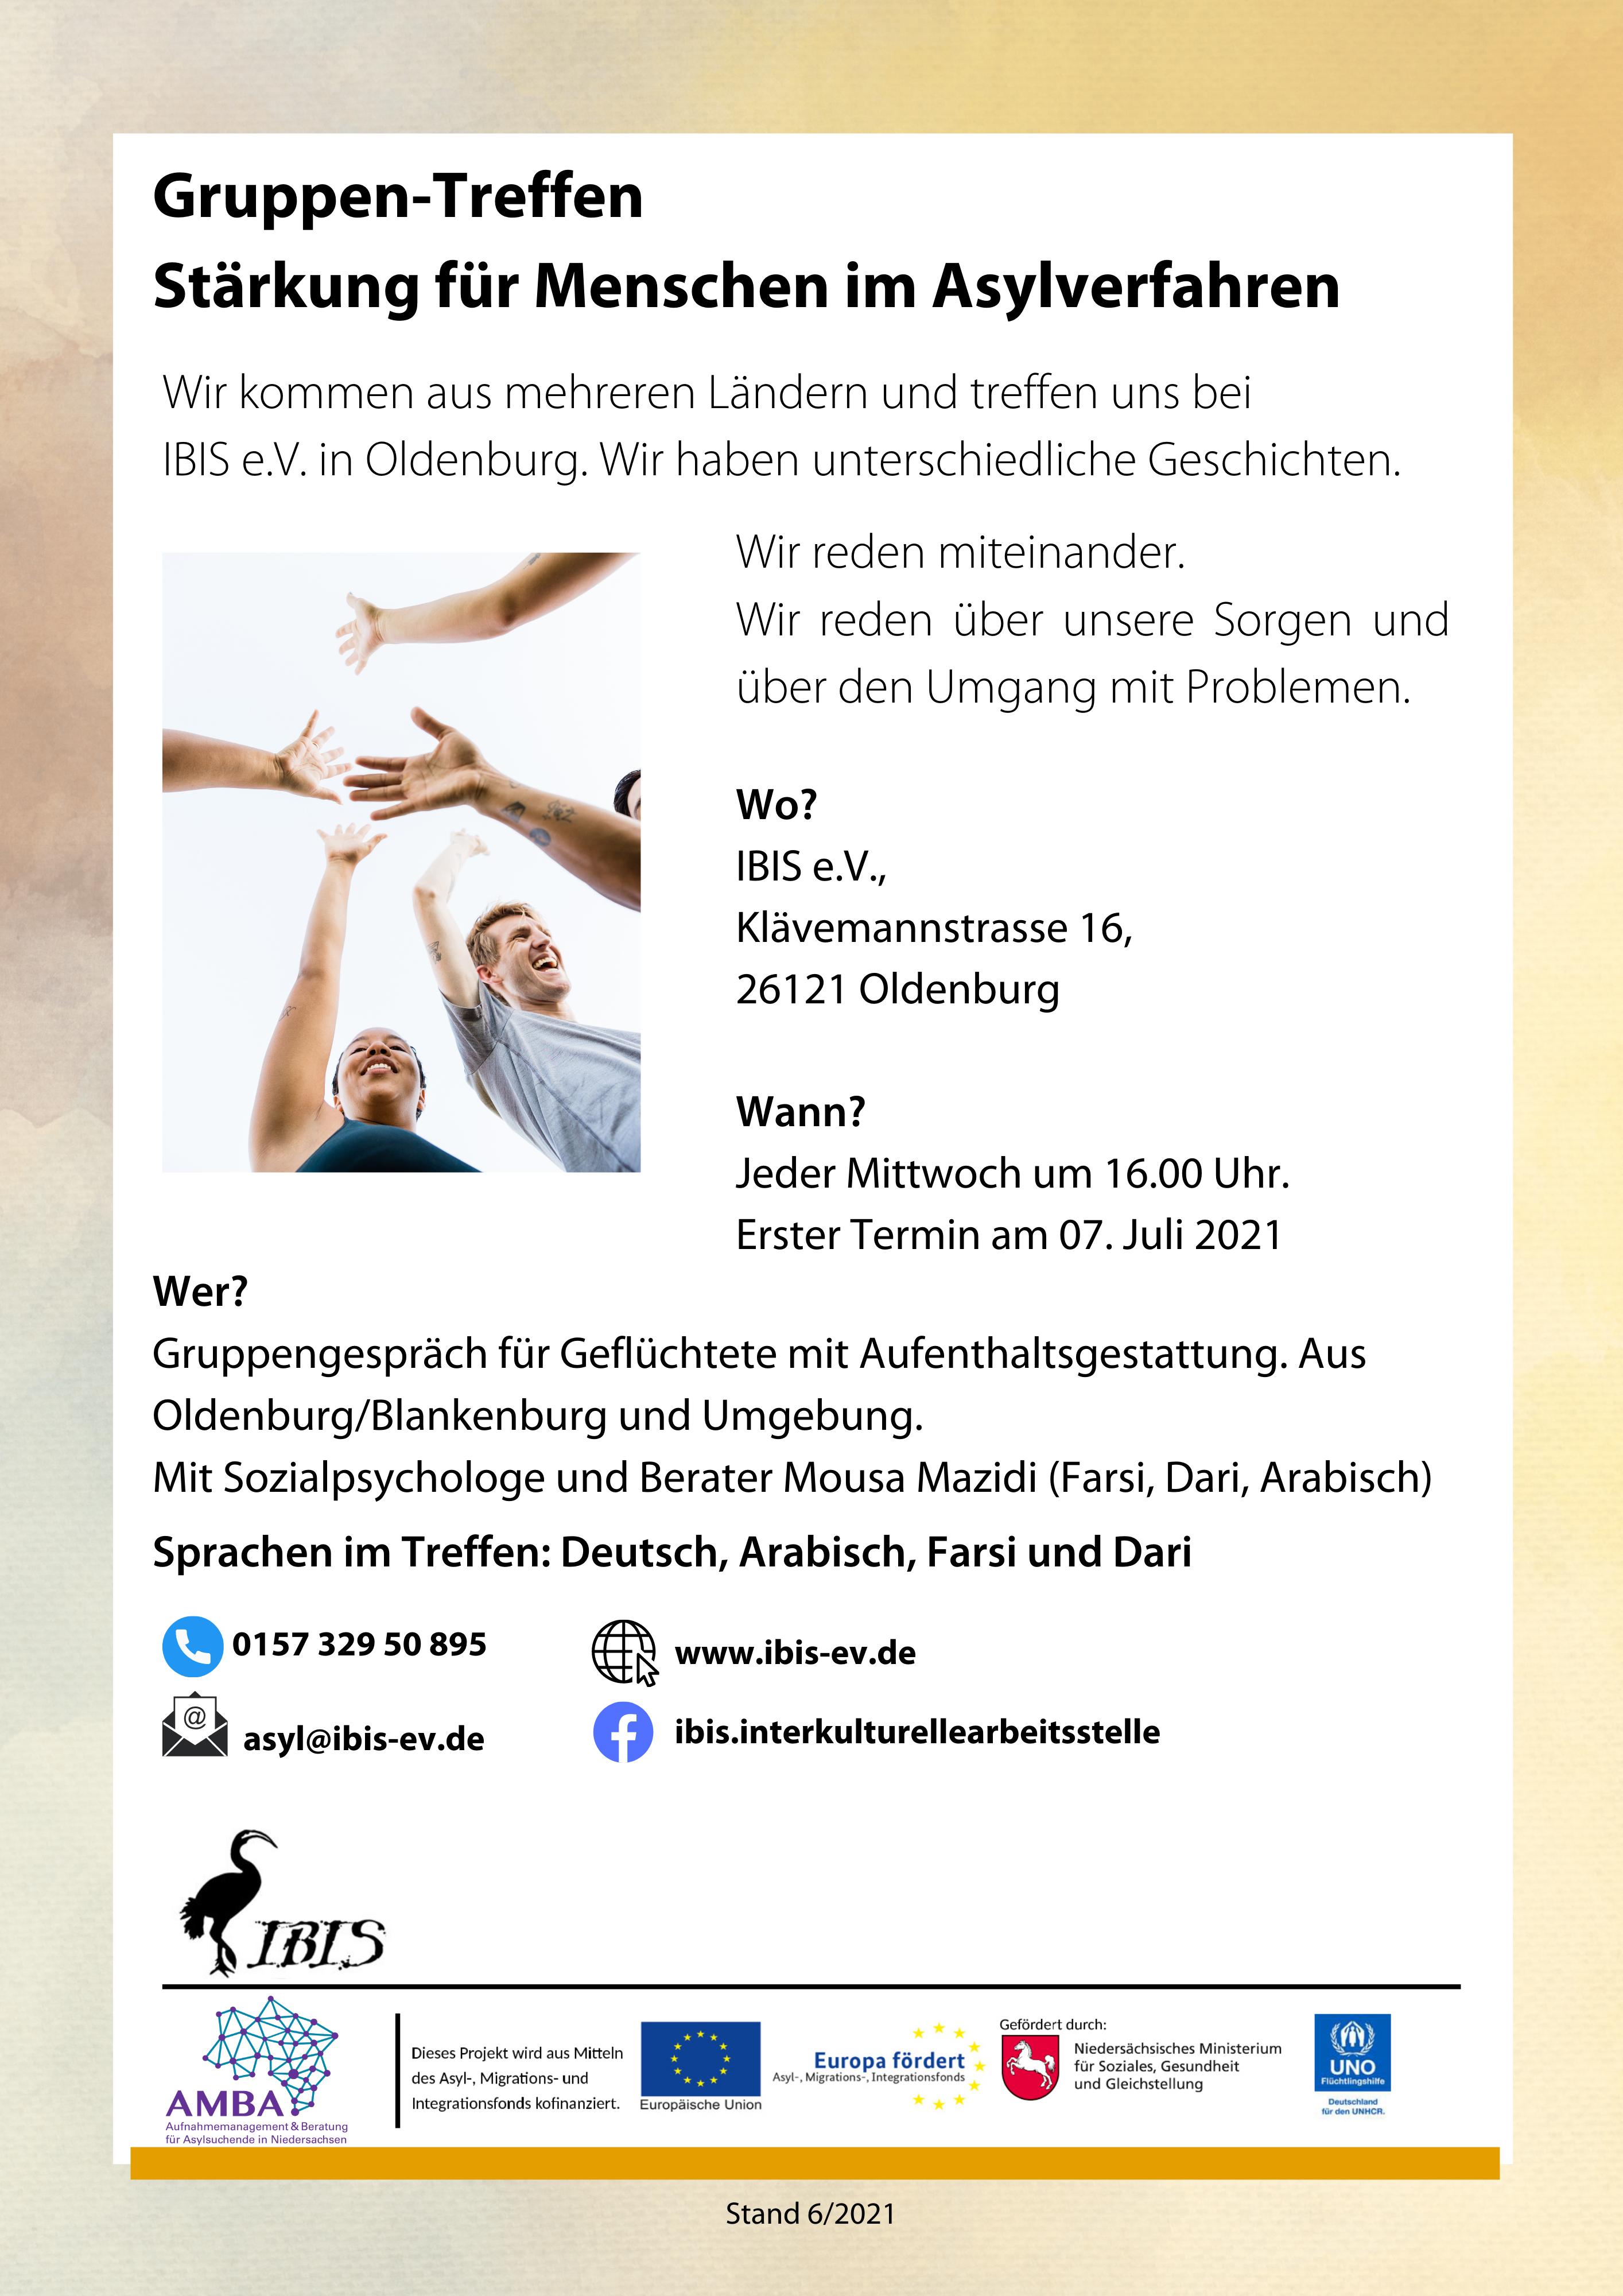 Gruppen-Treffen – Stärkung Für Menschen Im Asylverfahren